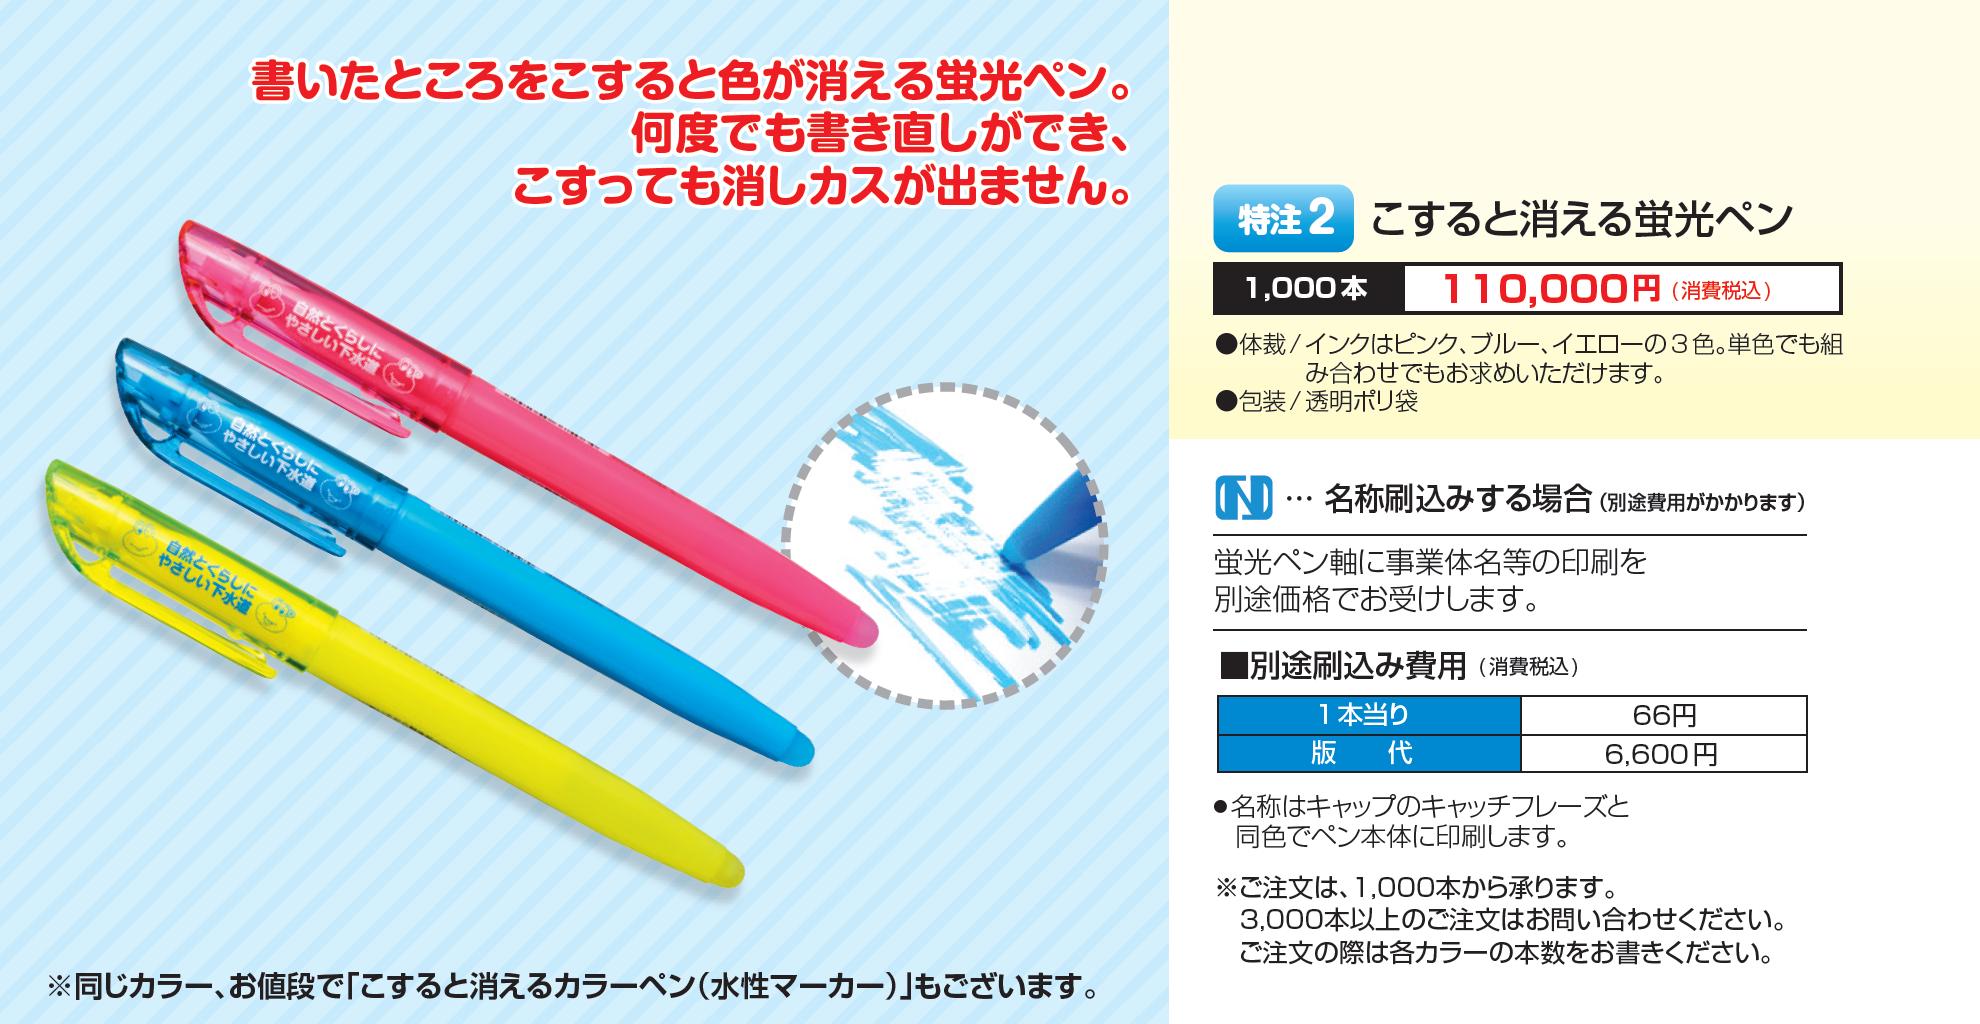 【製品No.特注2】こすると消える蛍光ペン